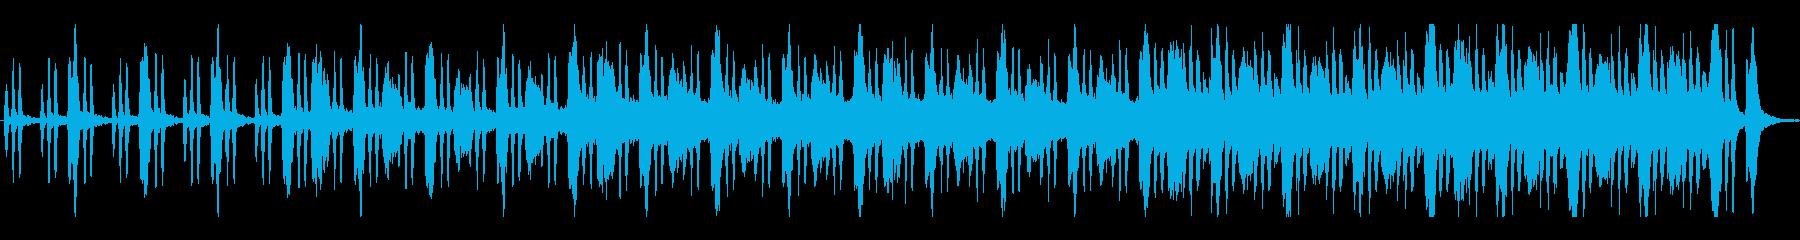 鬱蒼とした空気の不気味なBGMの再生済みの波形